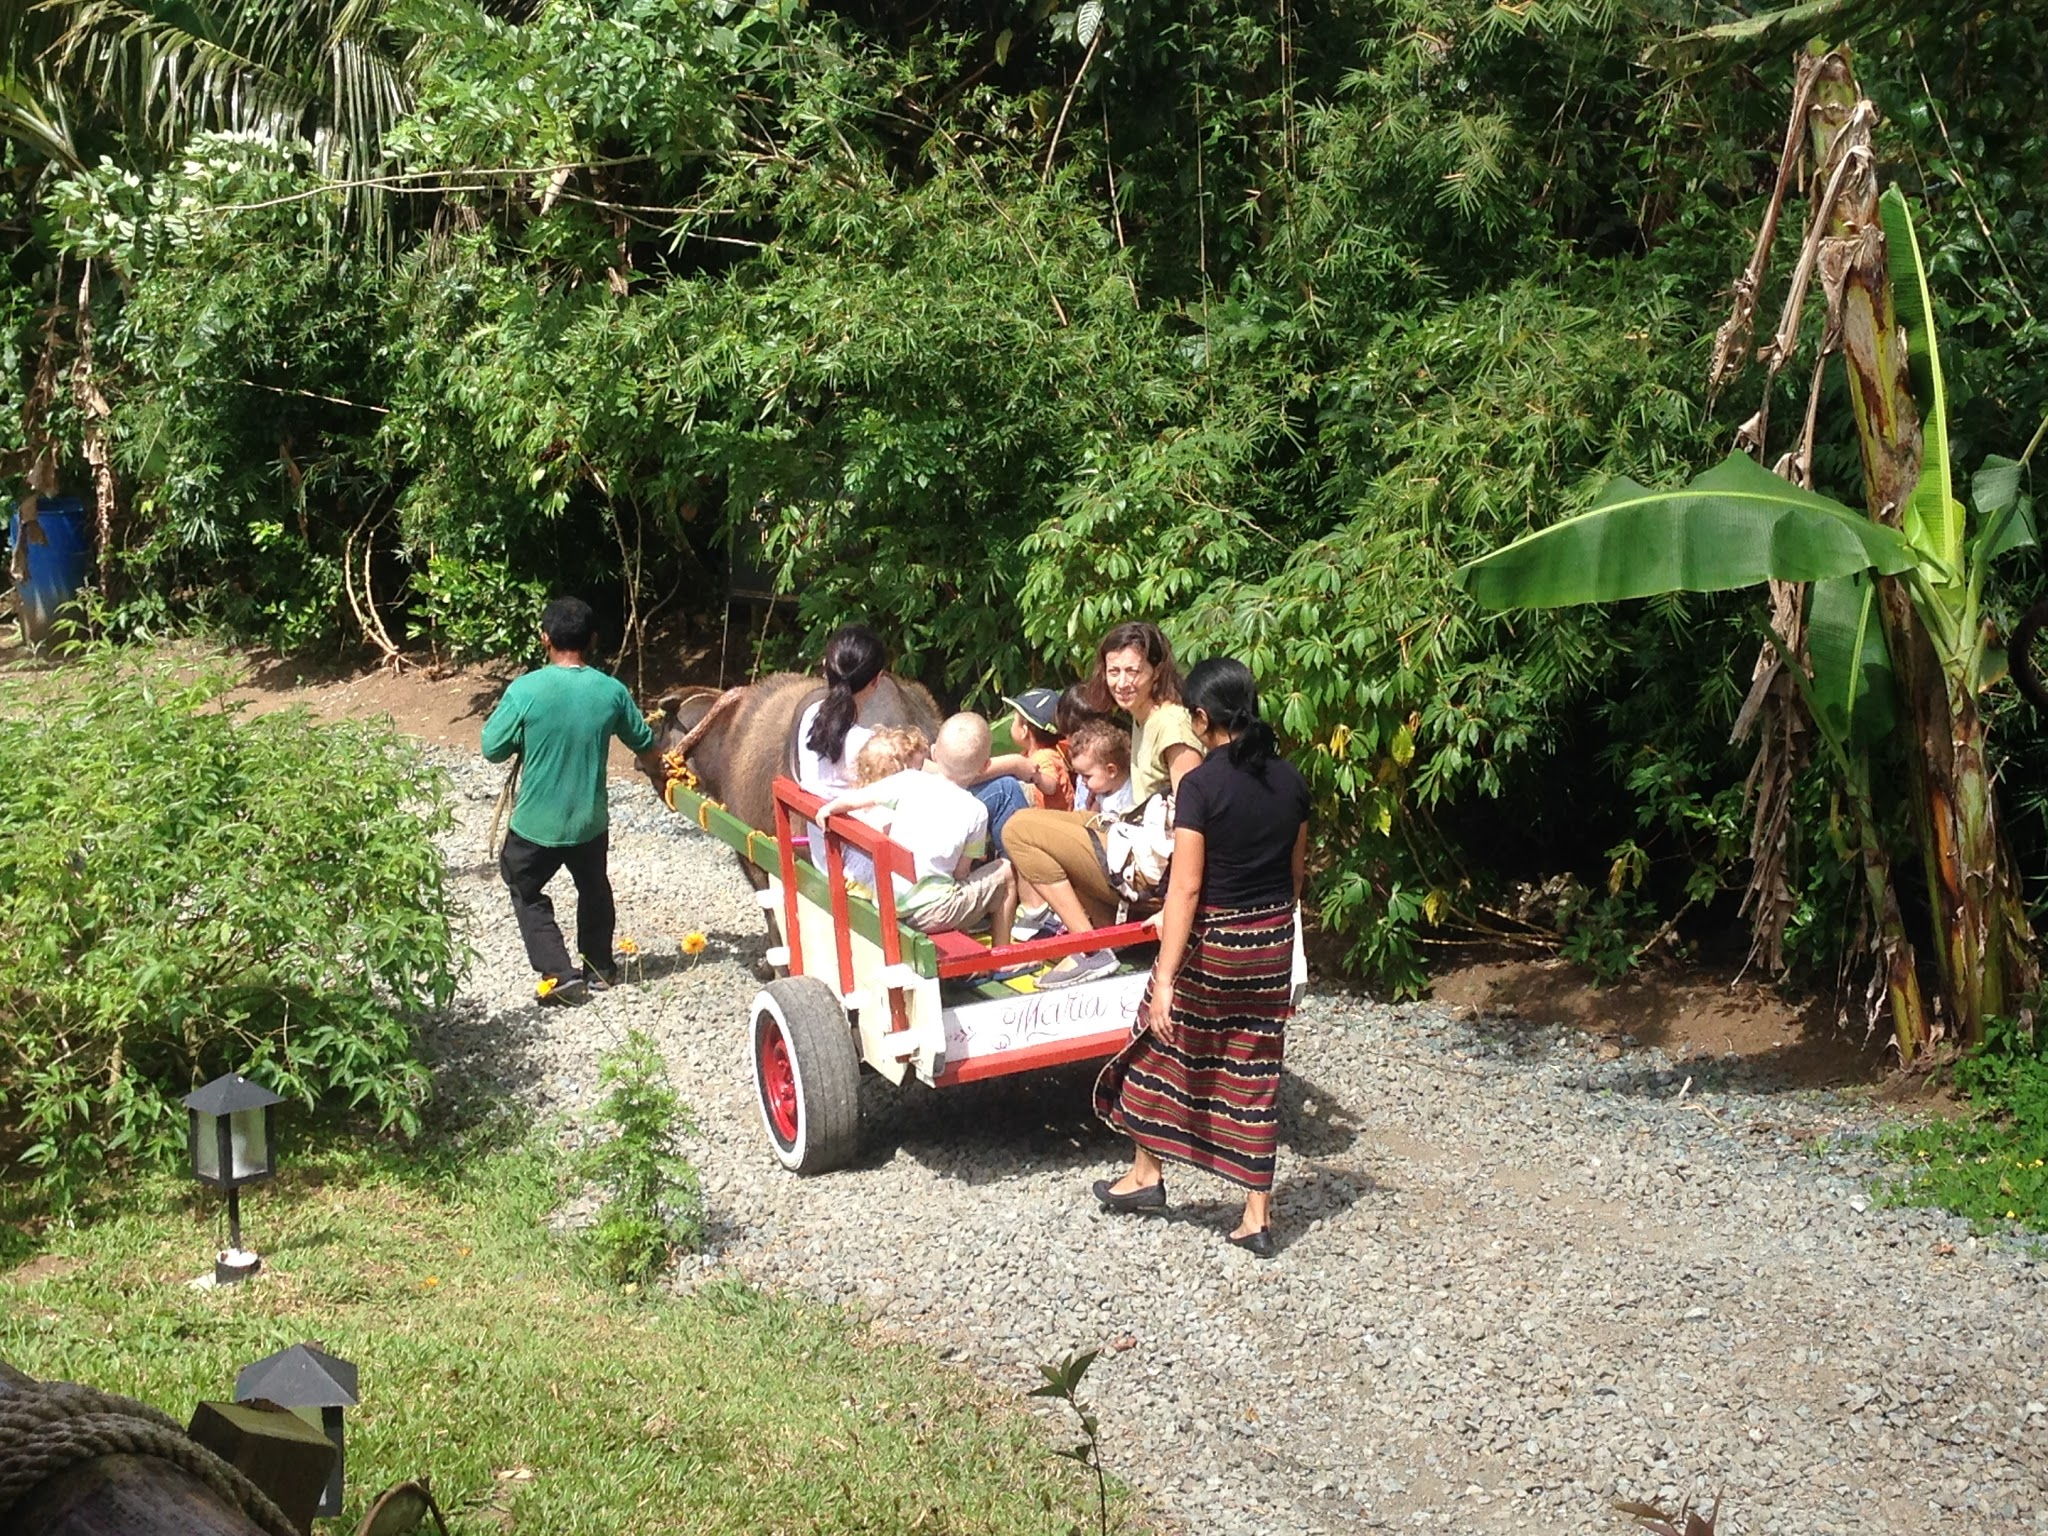 Carabao cart rides